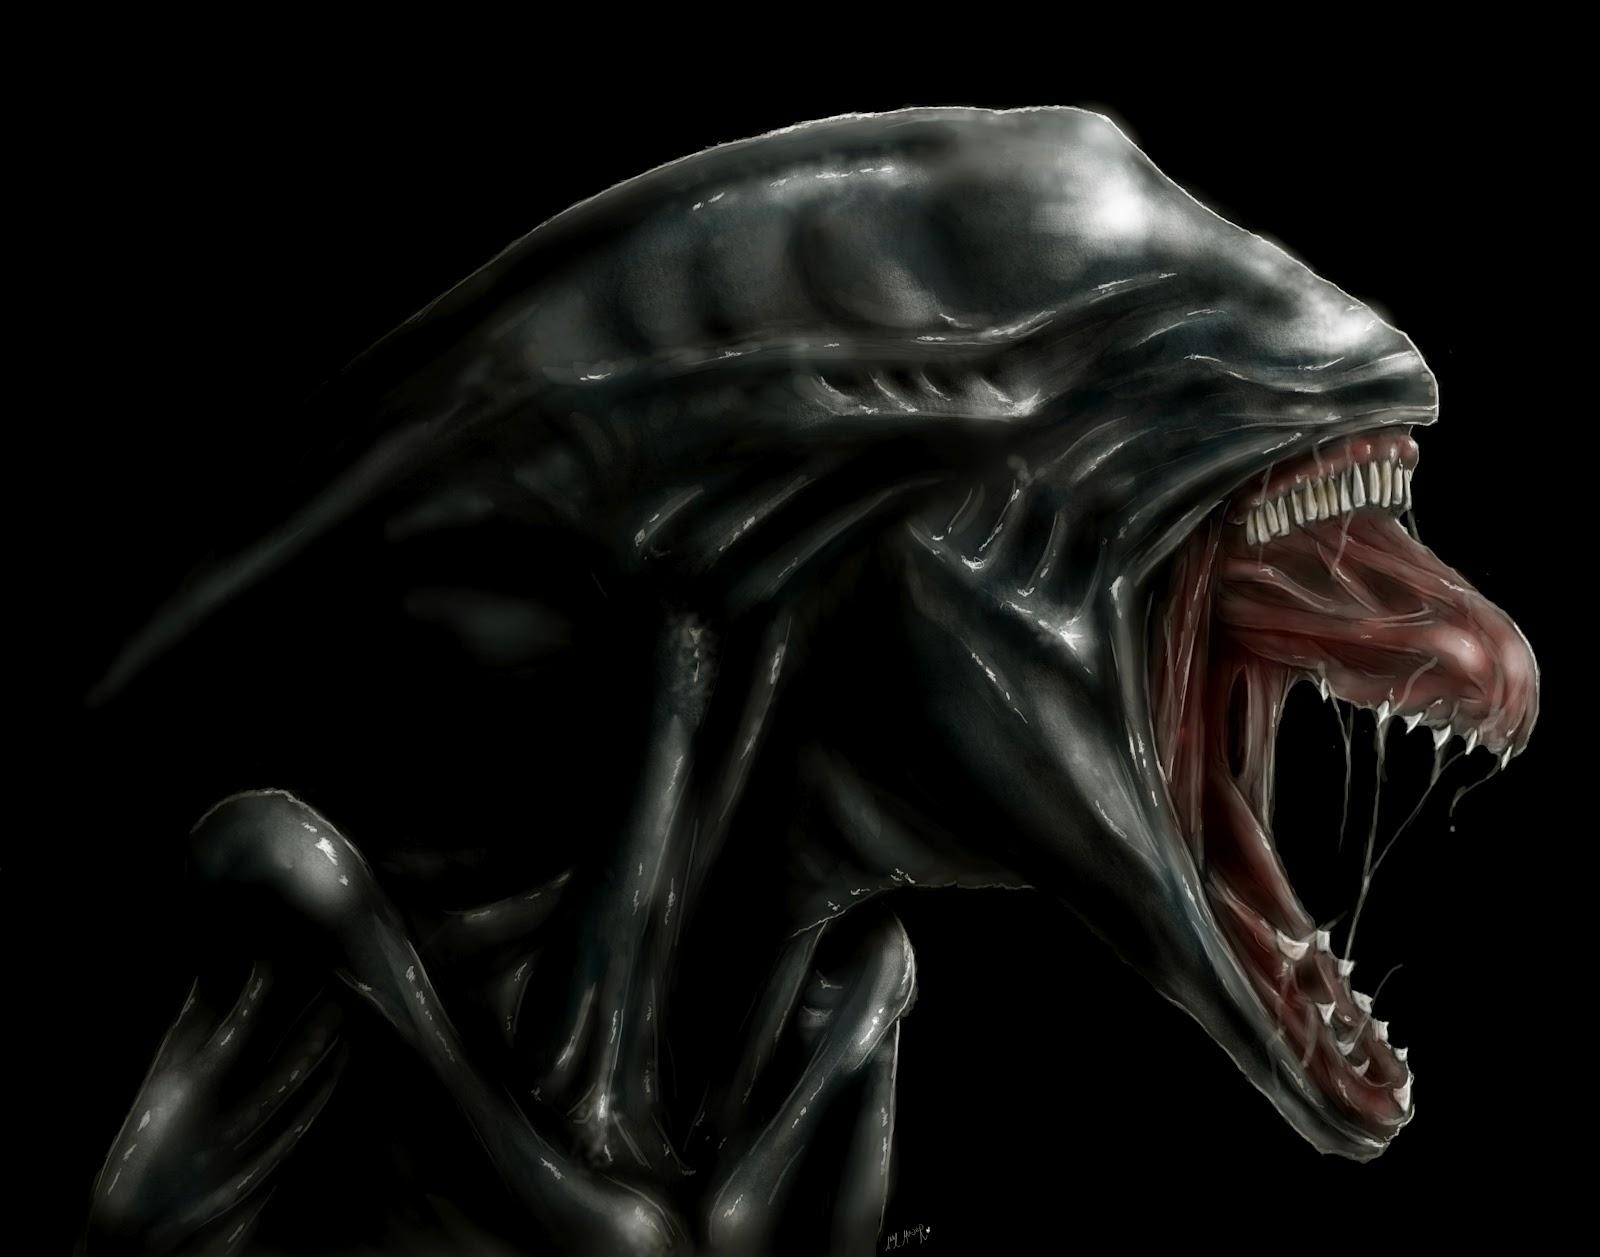 Xenomorph Queen Prometheus Alien Queen Prometheus...